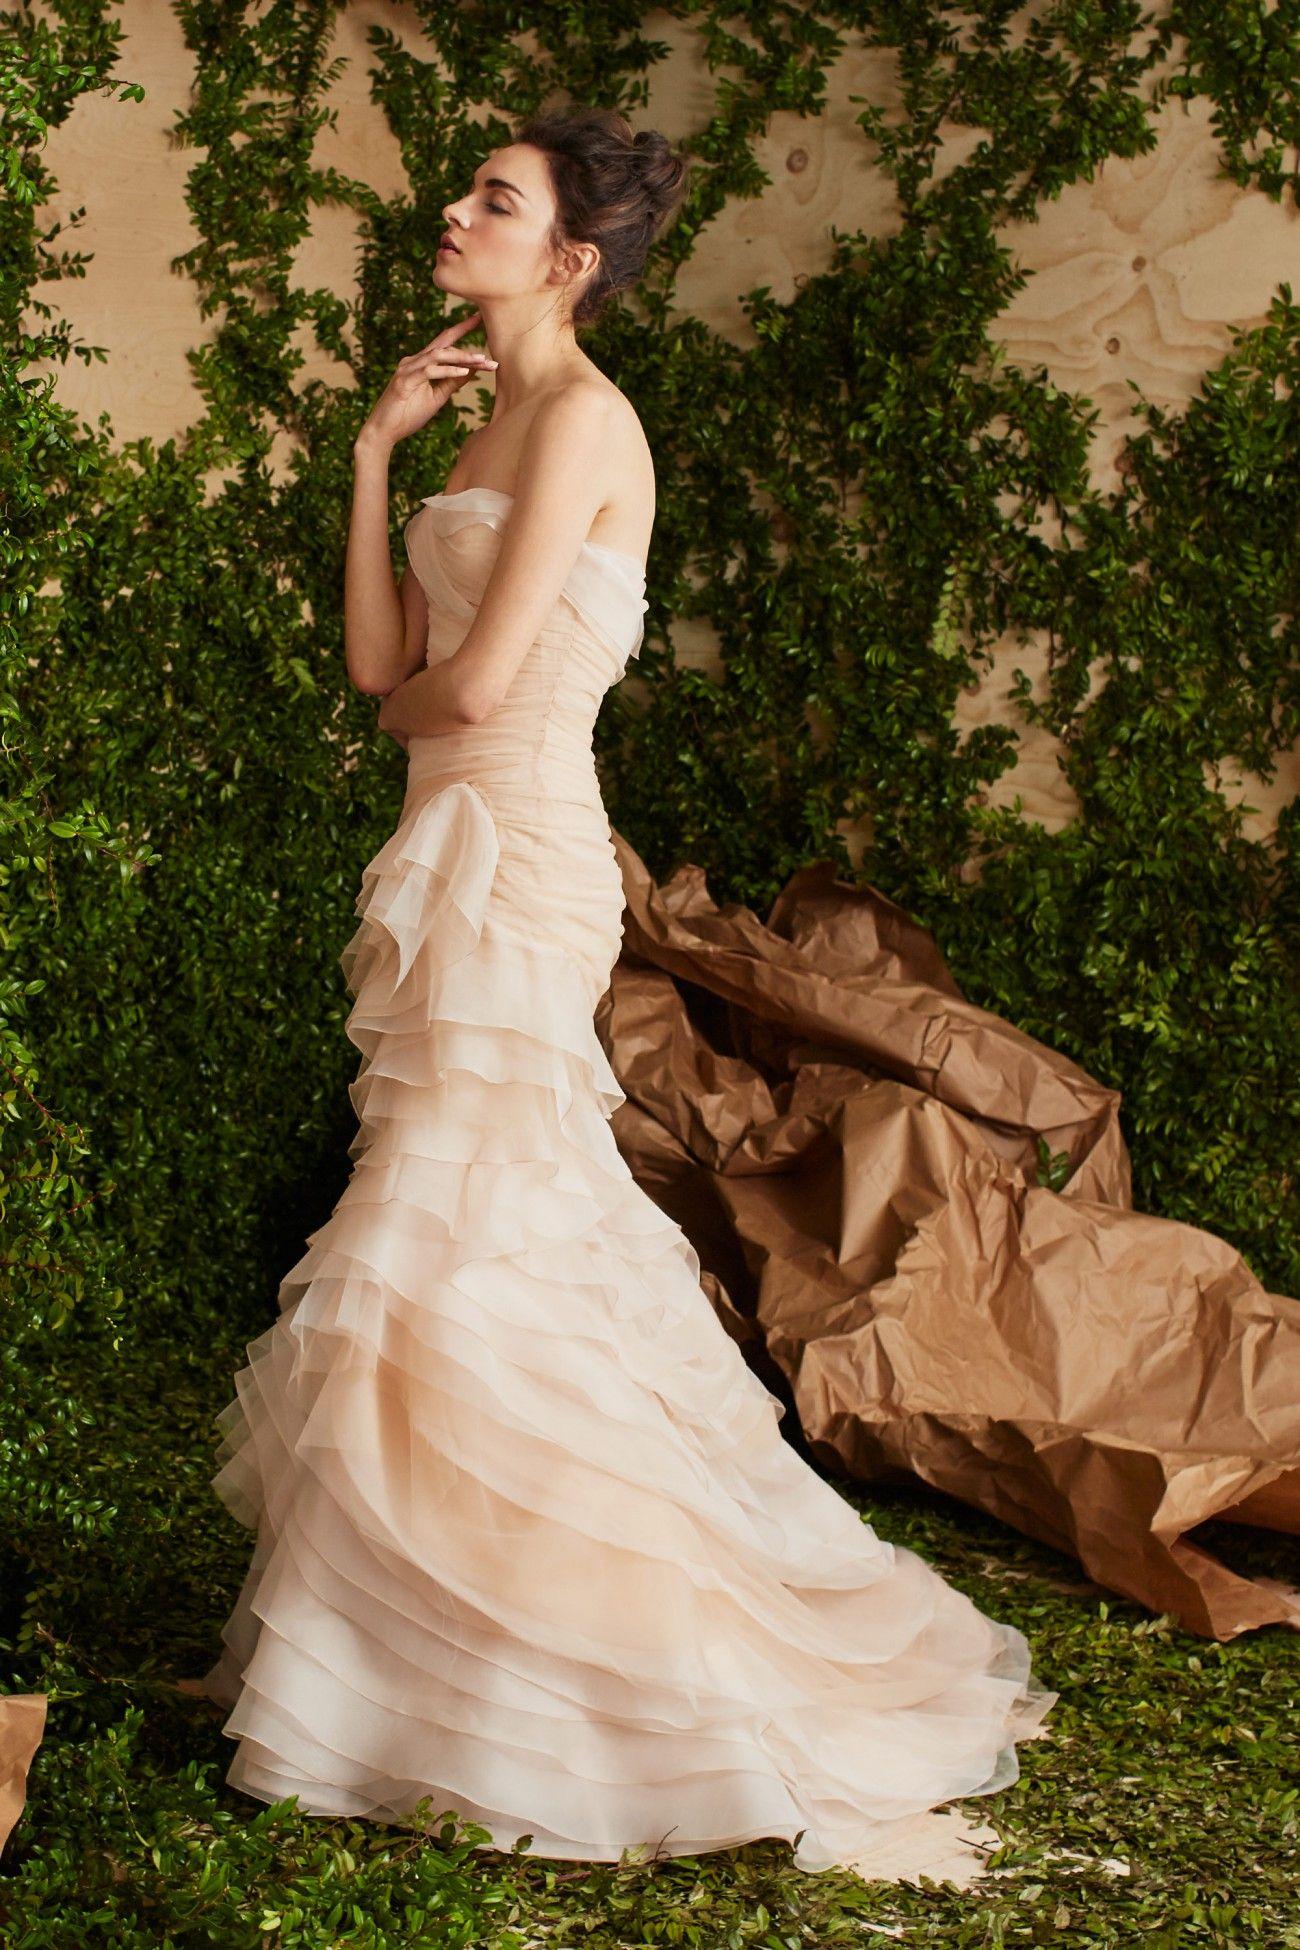 A novidade hoje é a linha bridal Carolina Herrera Primavera 2017. A coleção  foi desenhada especialmente para a mulher contemporânea, explorando a ... 7a597f2ed5